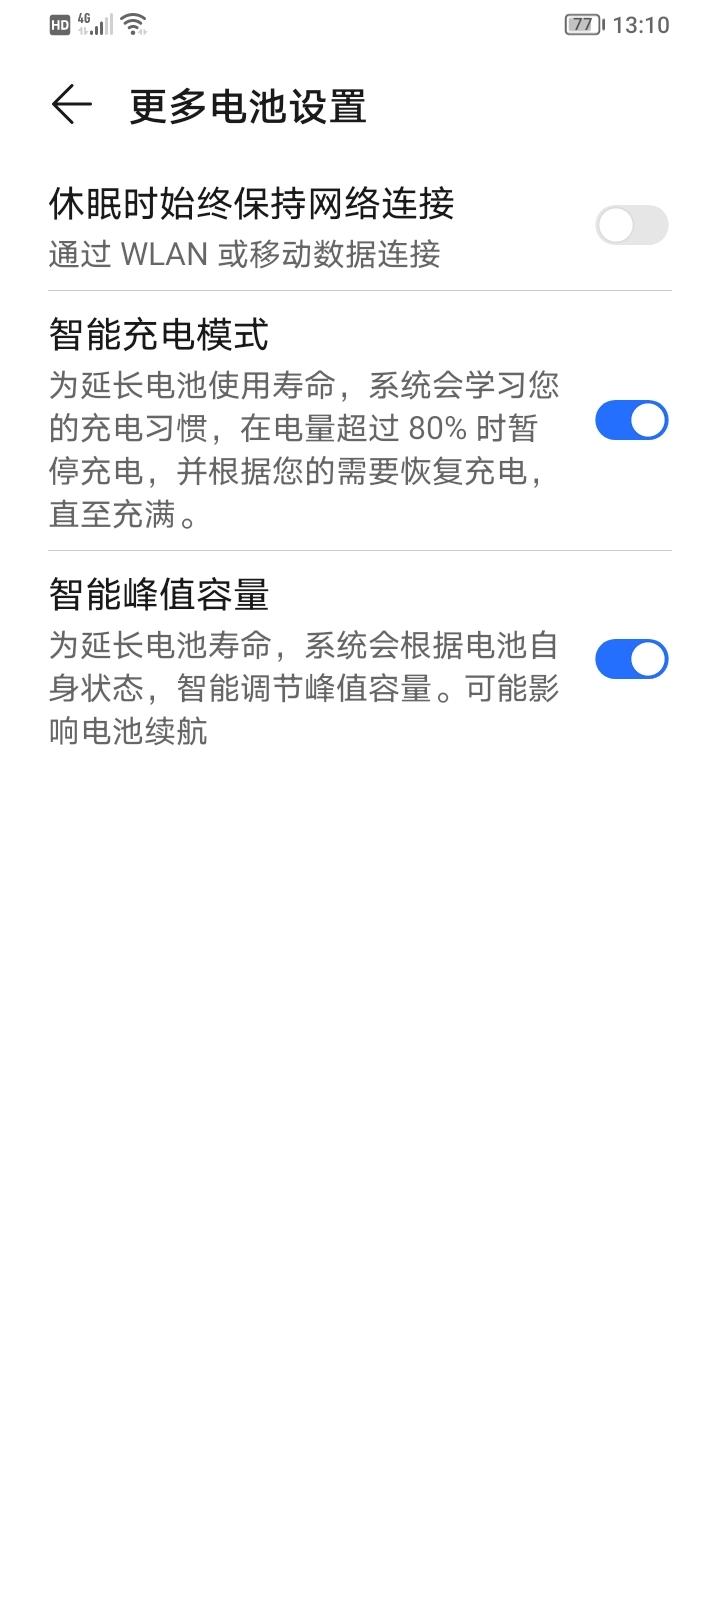 Screenshot_20210906_131027.jpg